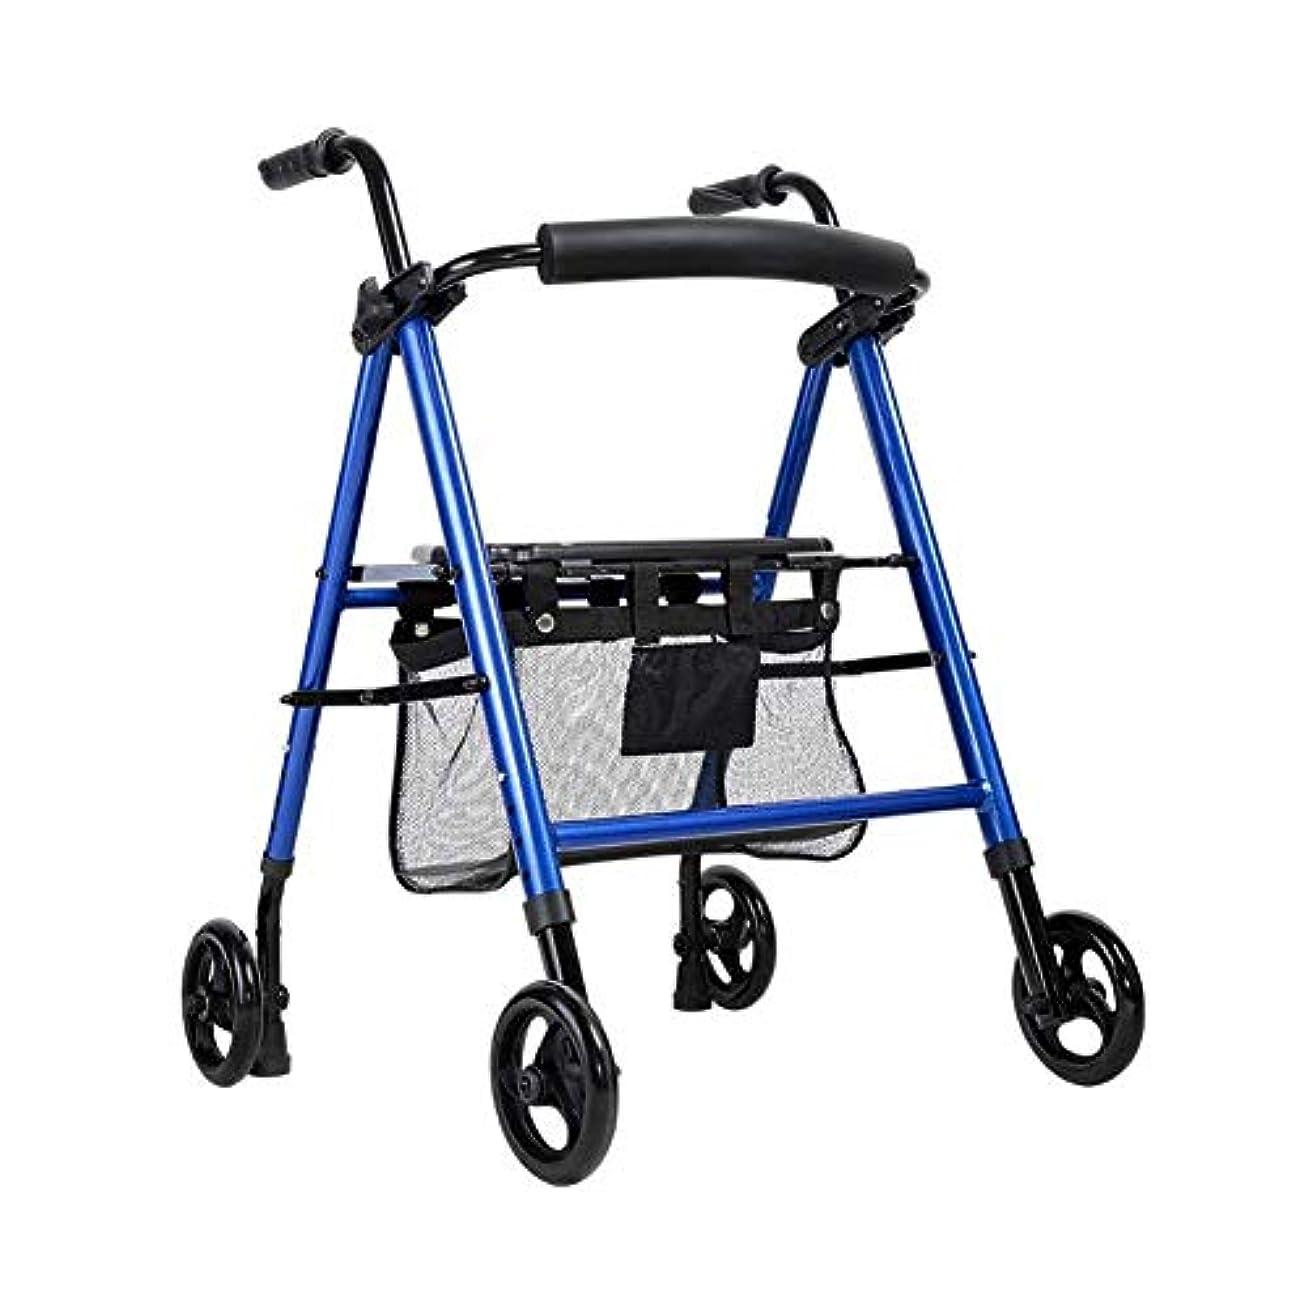 イタリックビリー支払う軽量アルミニウム歩行トロリー、高齢者用の調節可能なシートエイド付き4輪ローラー